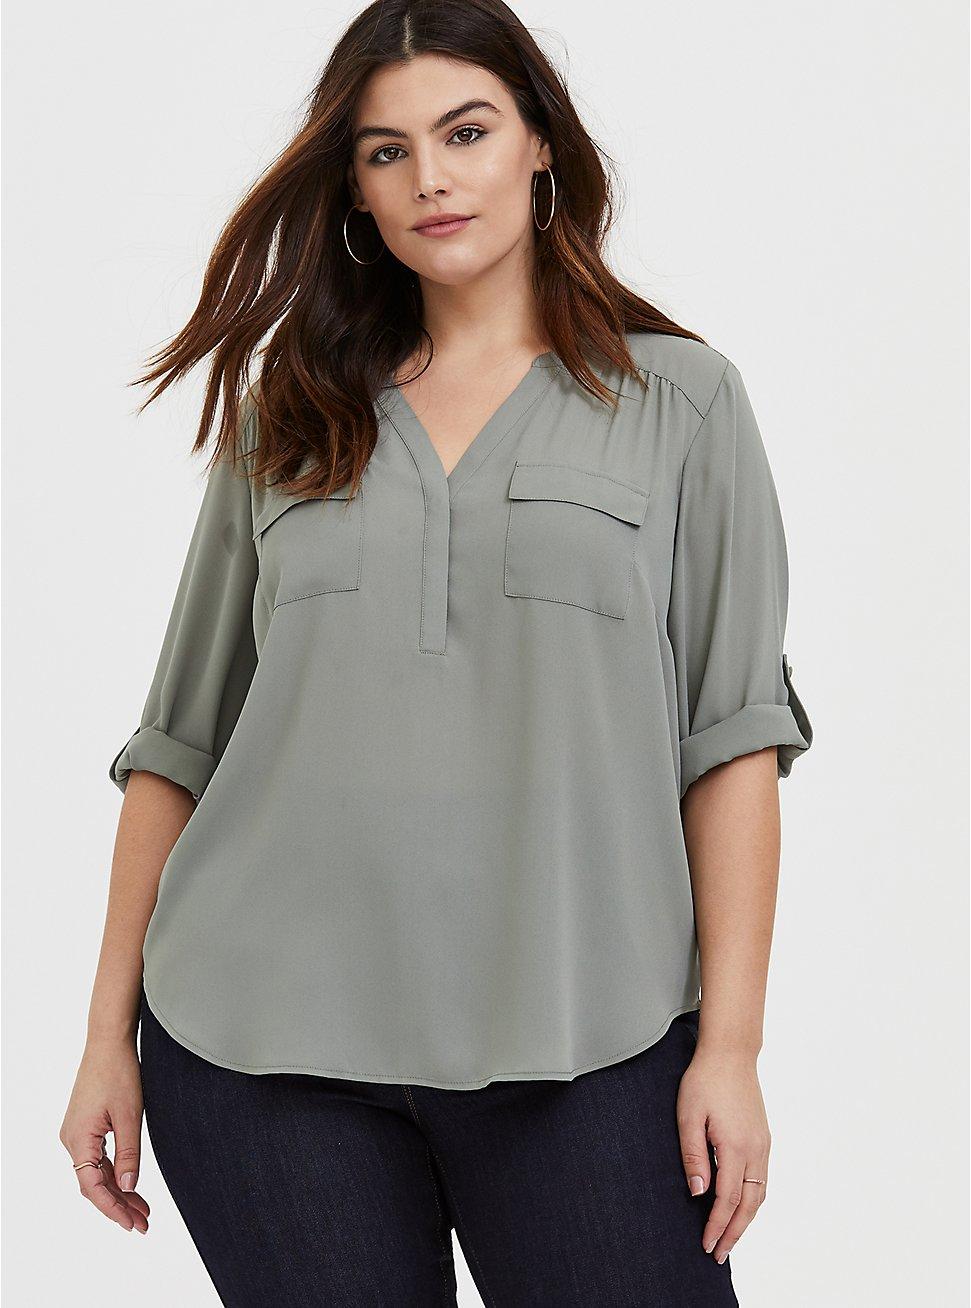 Harper – Sage Green Georgette Pullover Blouse, MOON MIST, hi-res